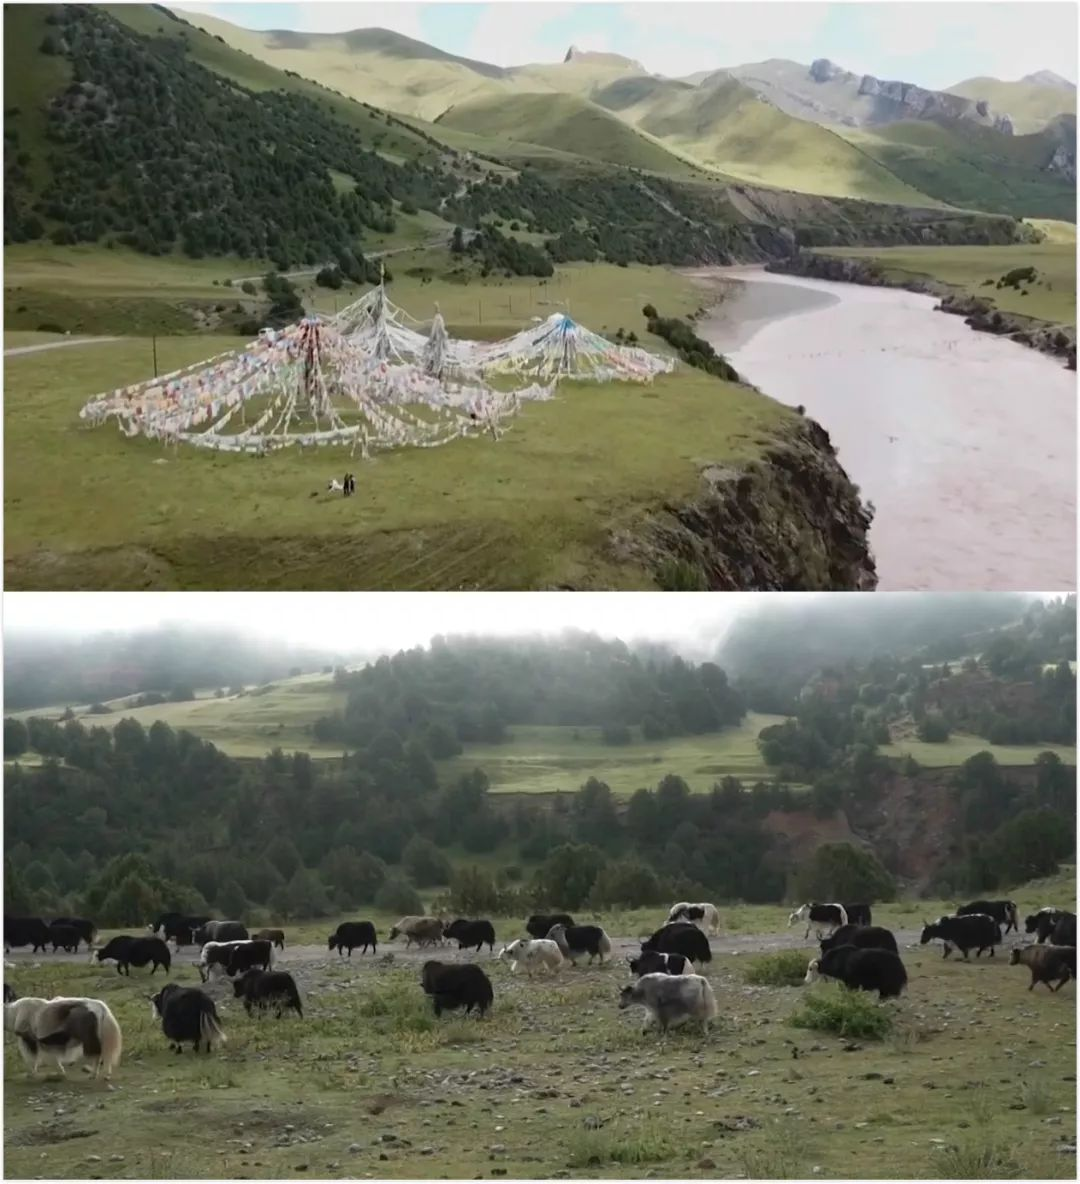 ▲壮美的青藏高原(报道截图)